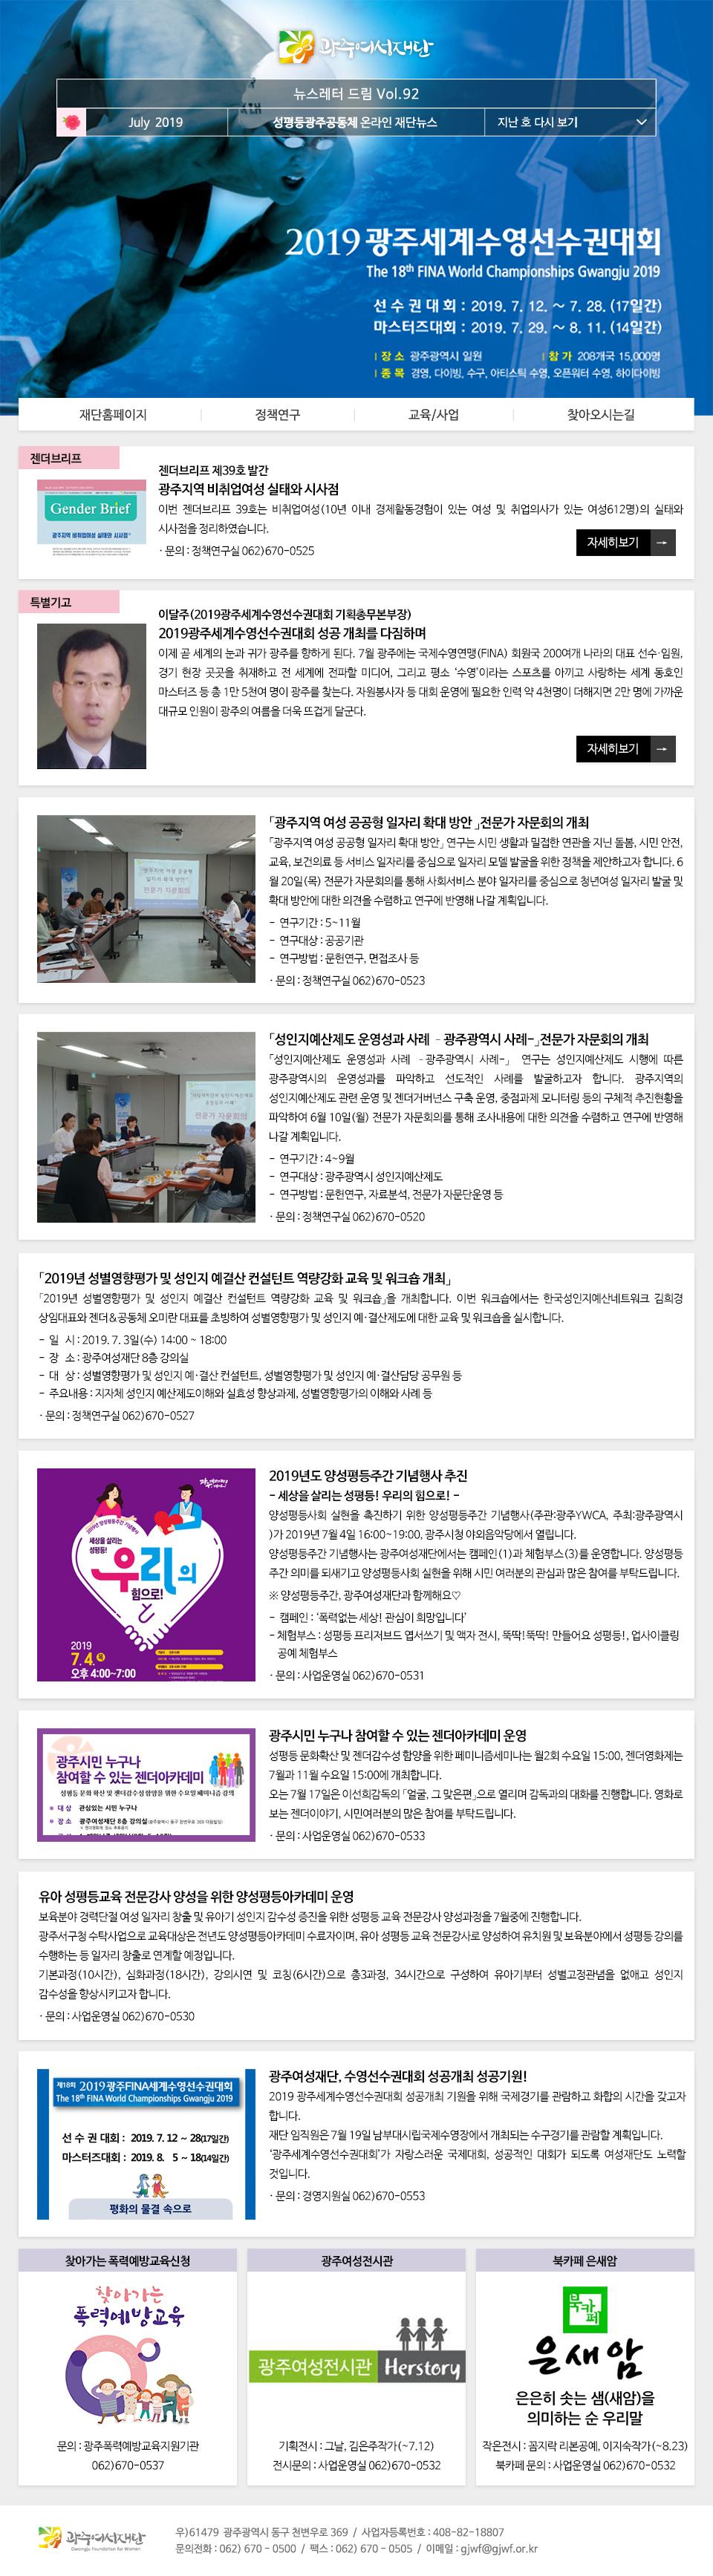 뉴스레터 드림 92호(19.7월) 썸네일